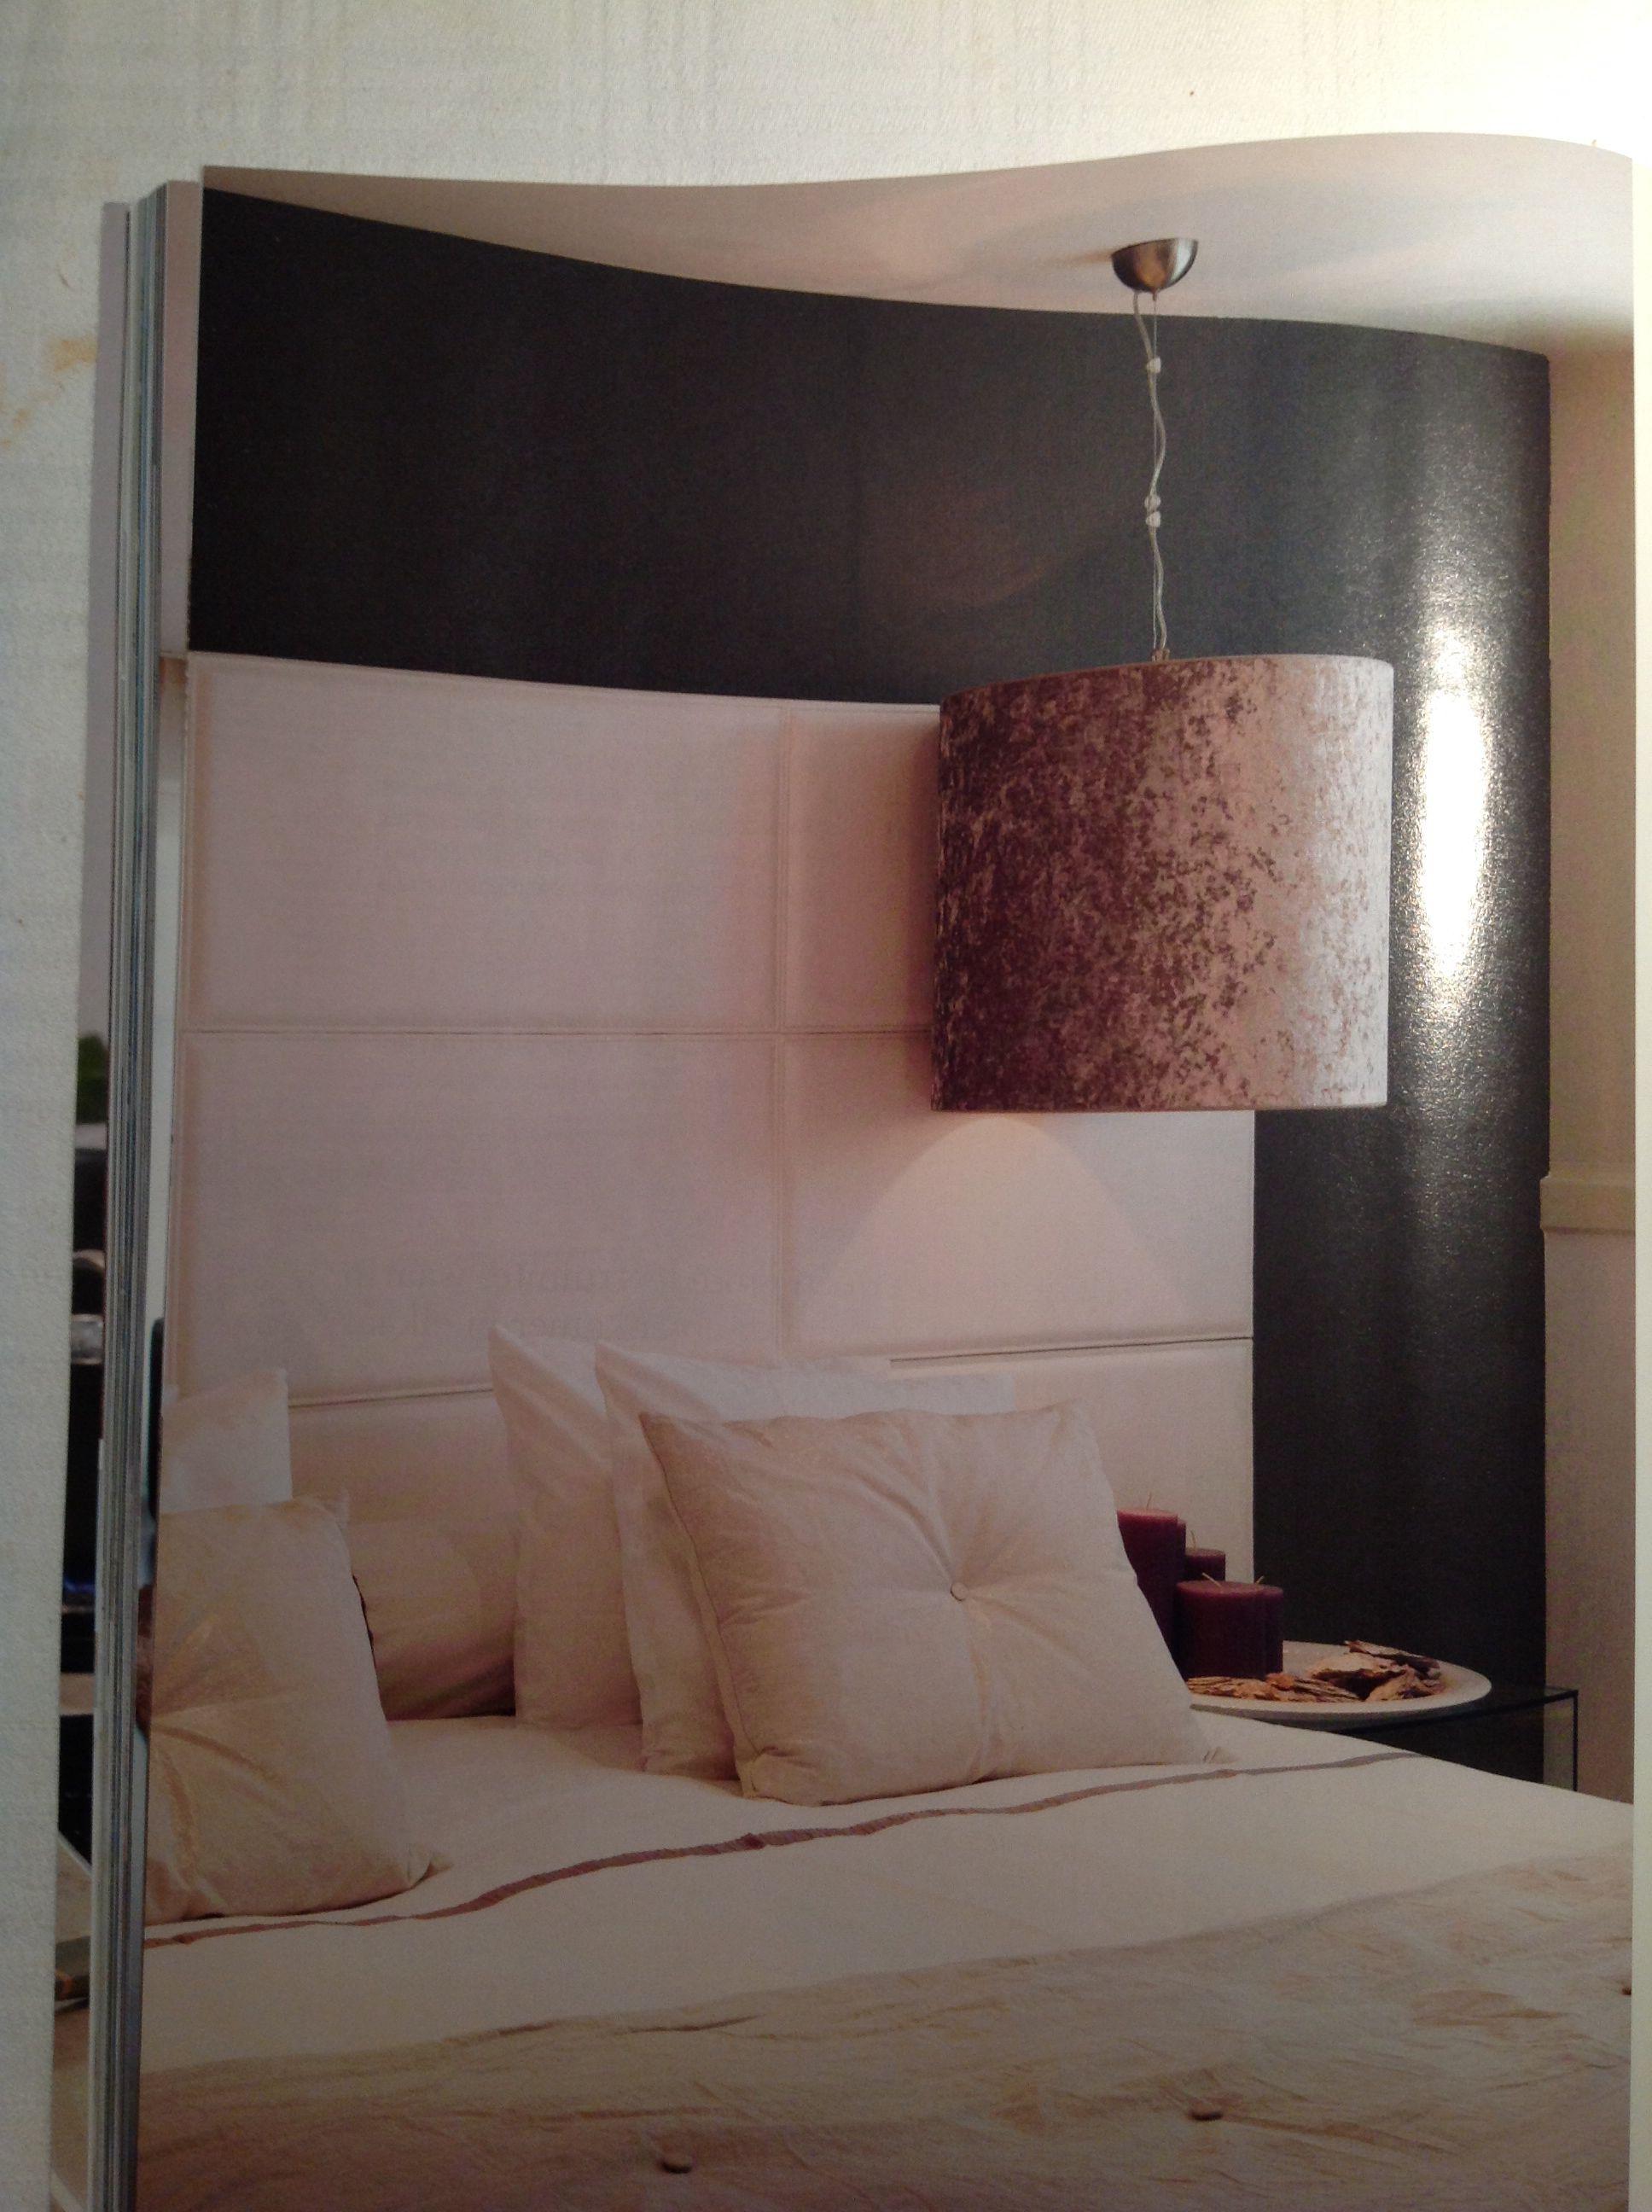 Hanglamp als nachtlamp slaapkamer. Duran lampen | Slaapkamer ...